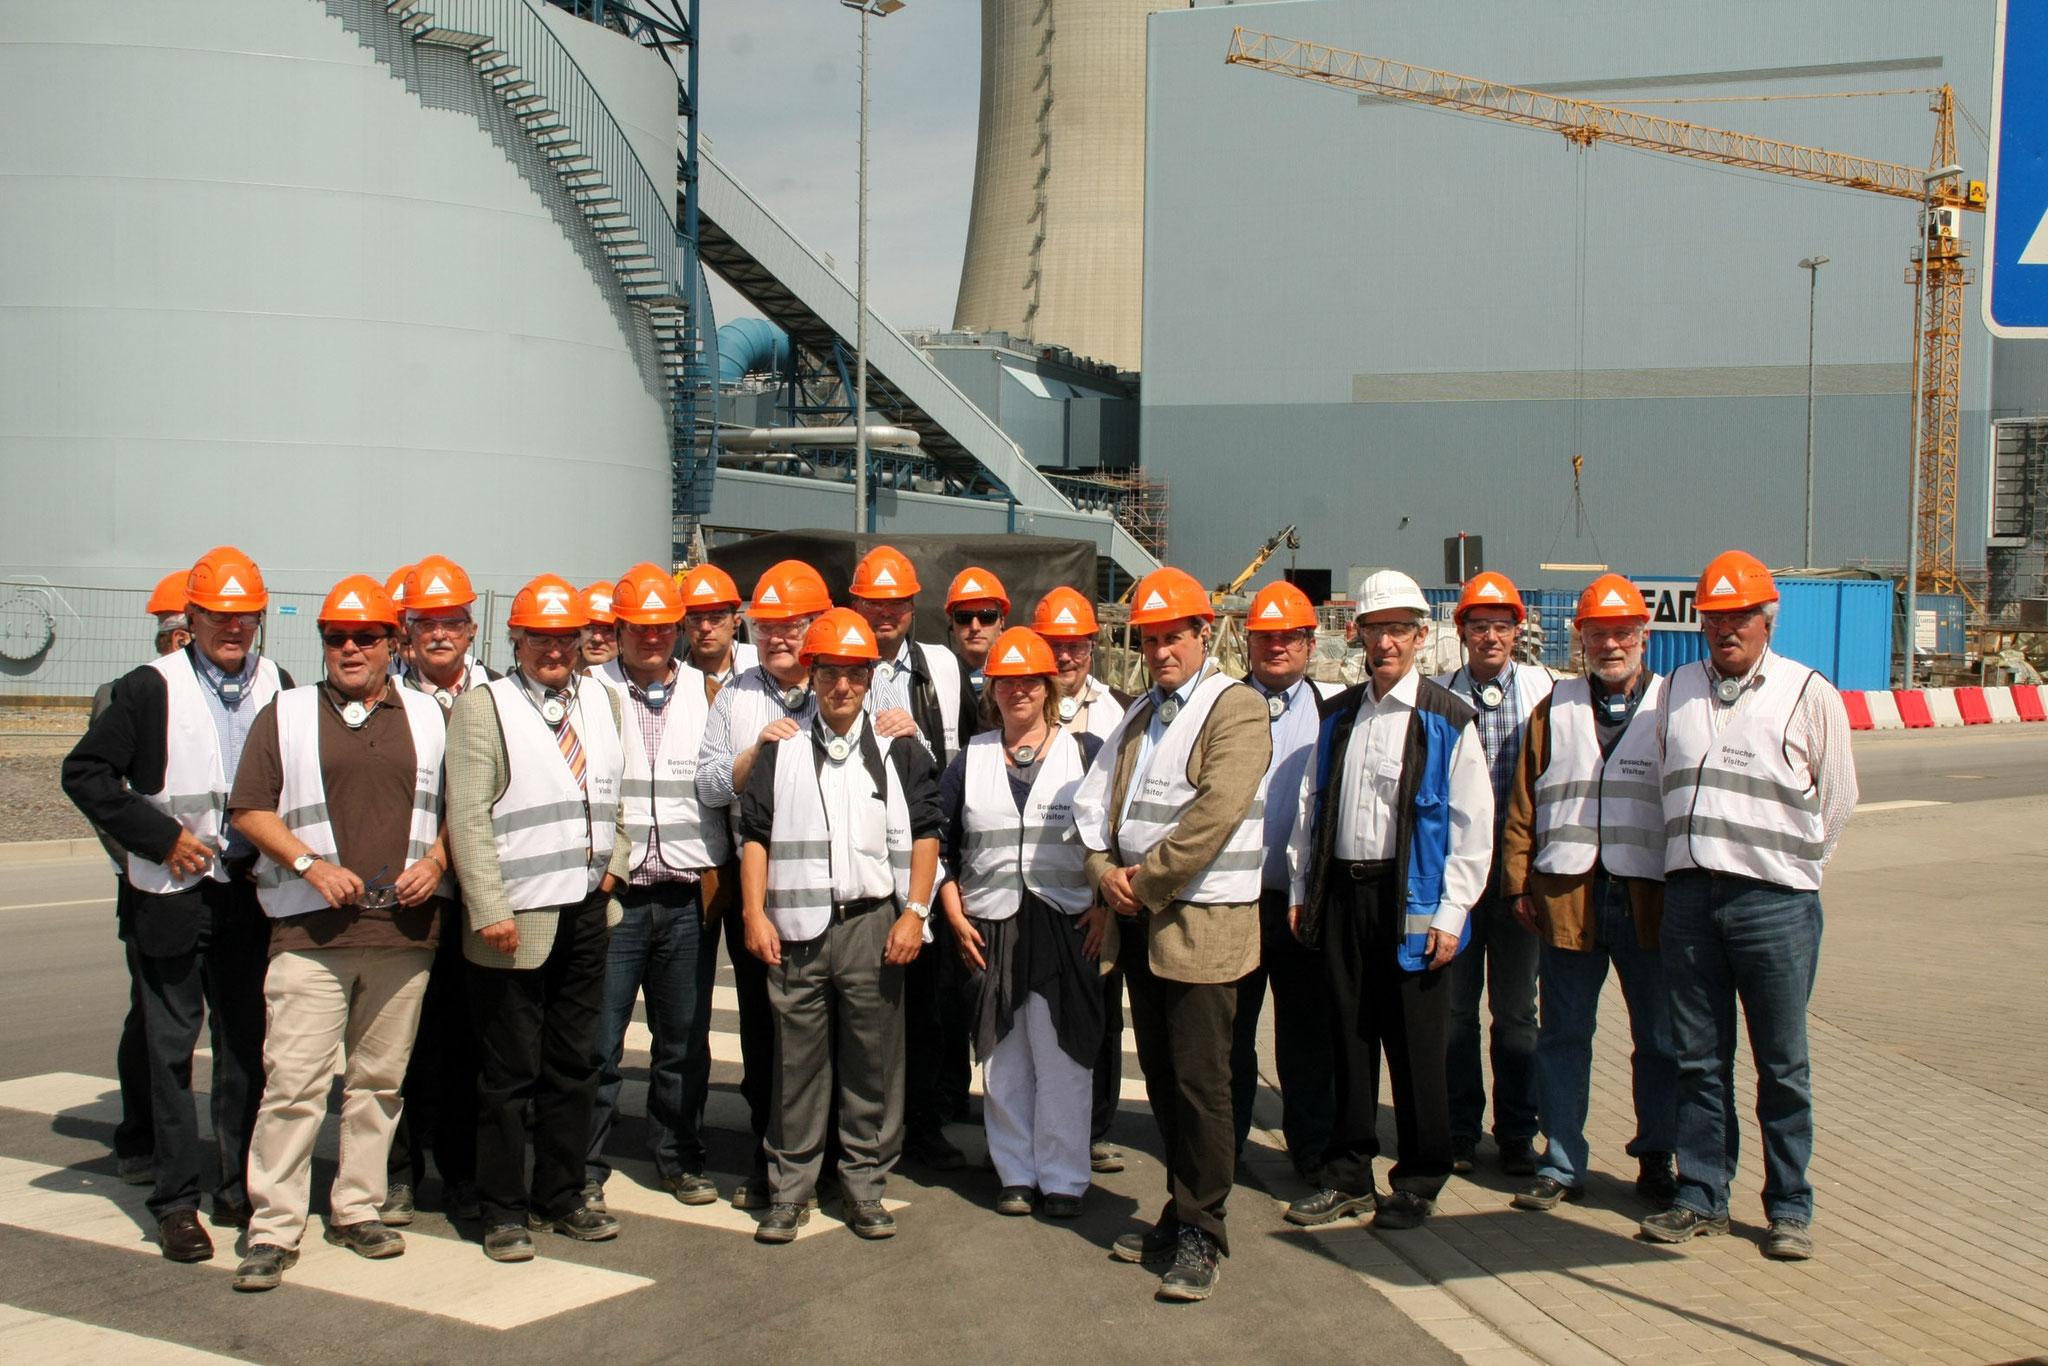 Besuch Baustelle RWE BoA-Kraftwerk Neurath 2011